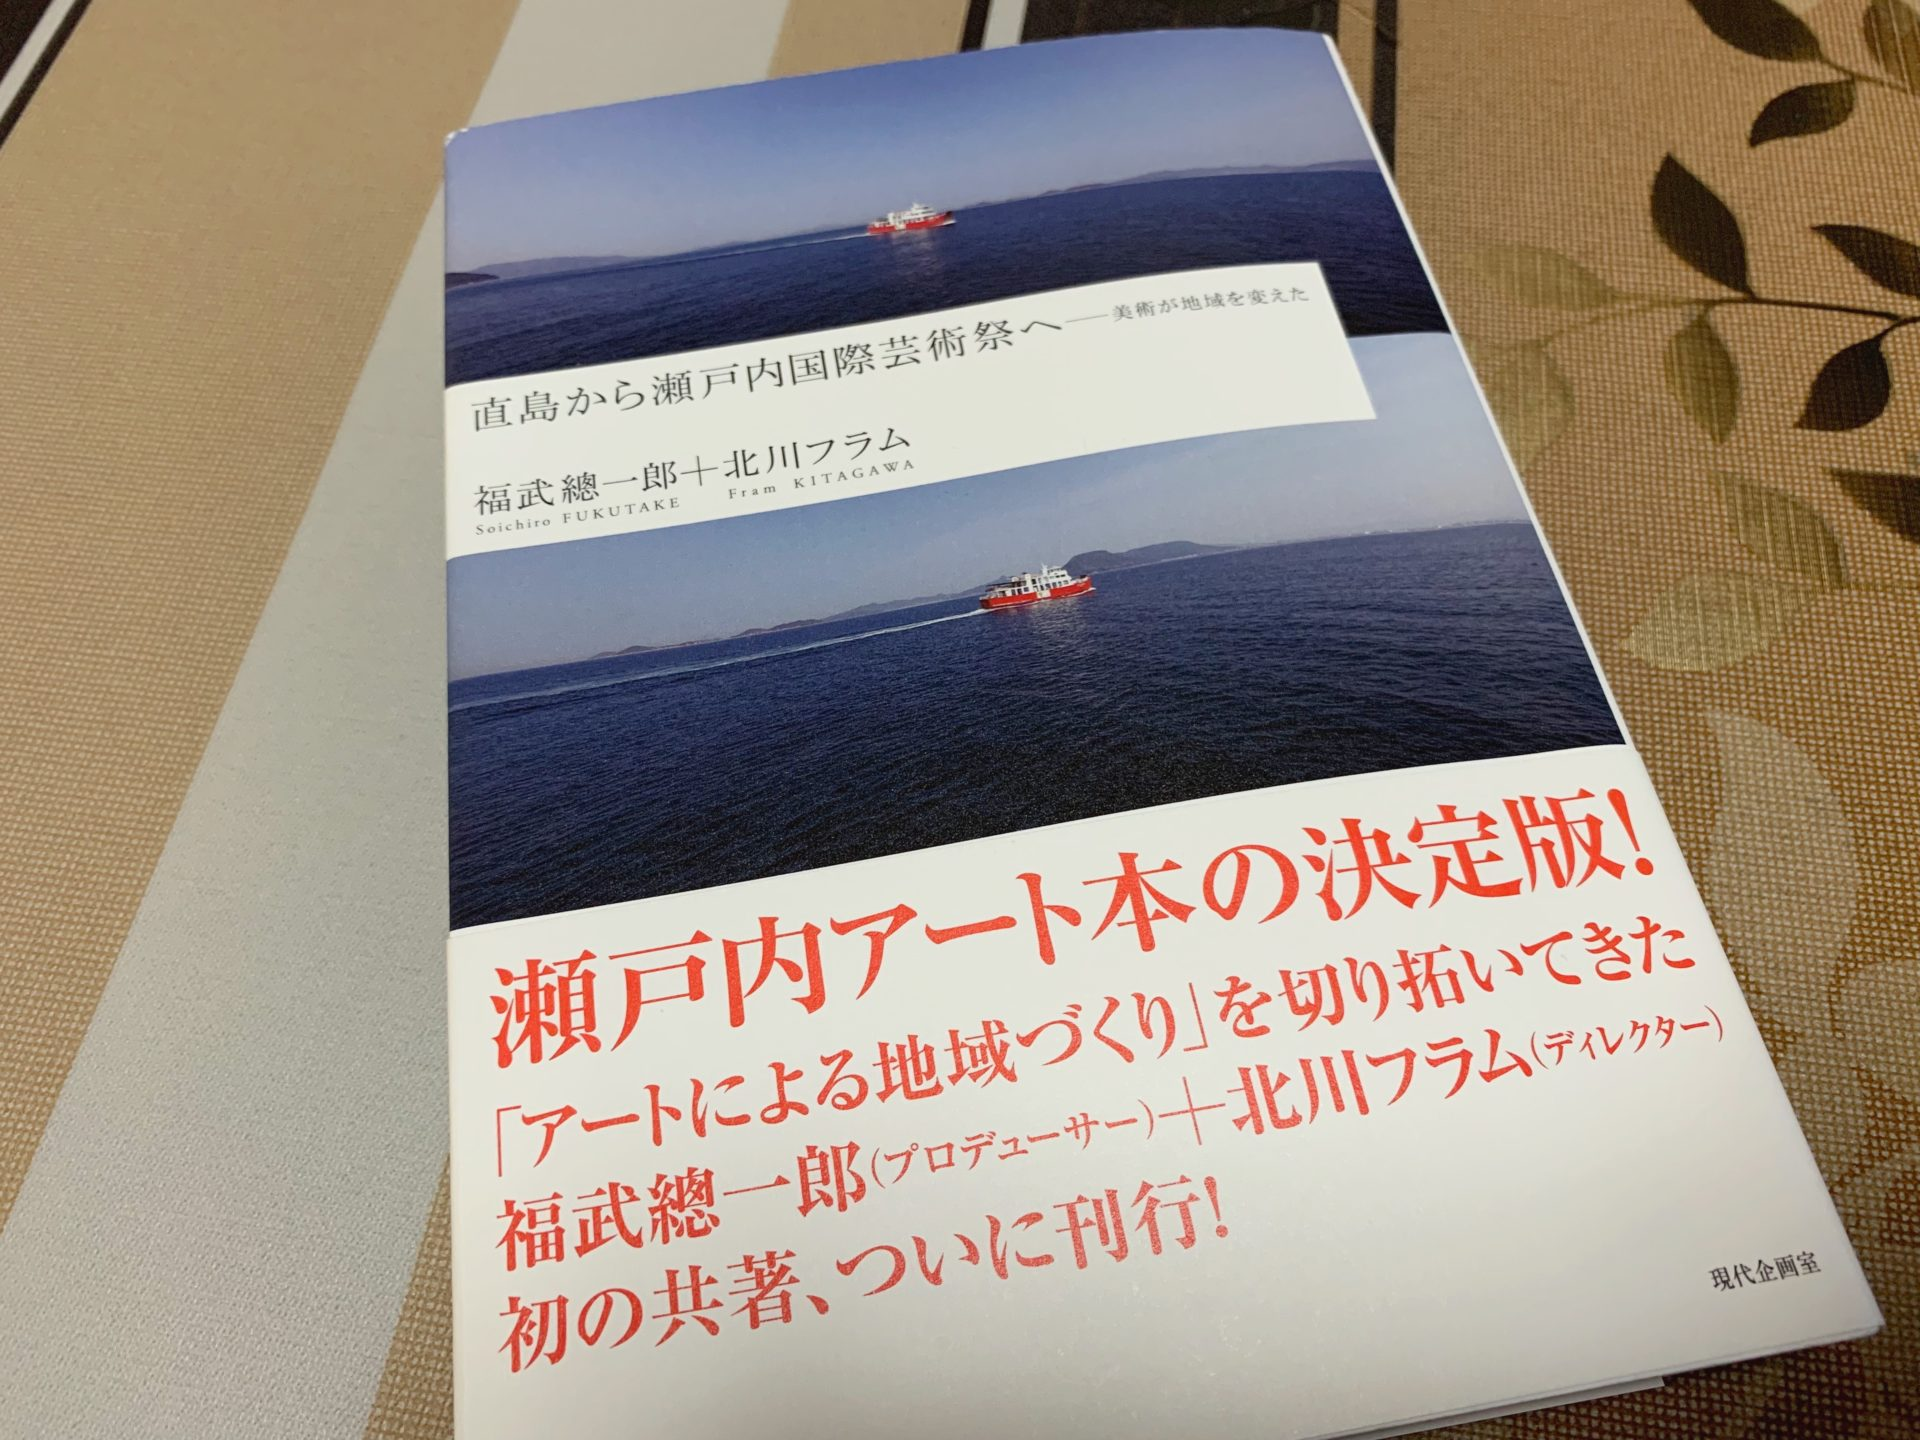 福武總一郎さん、北川フラムさん共著「直島から瀬戸内国際芸術祭へ─美術が地域を変えた」